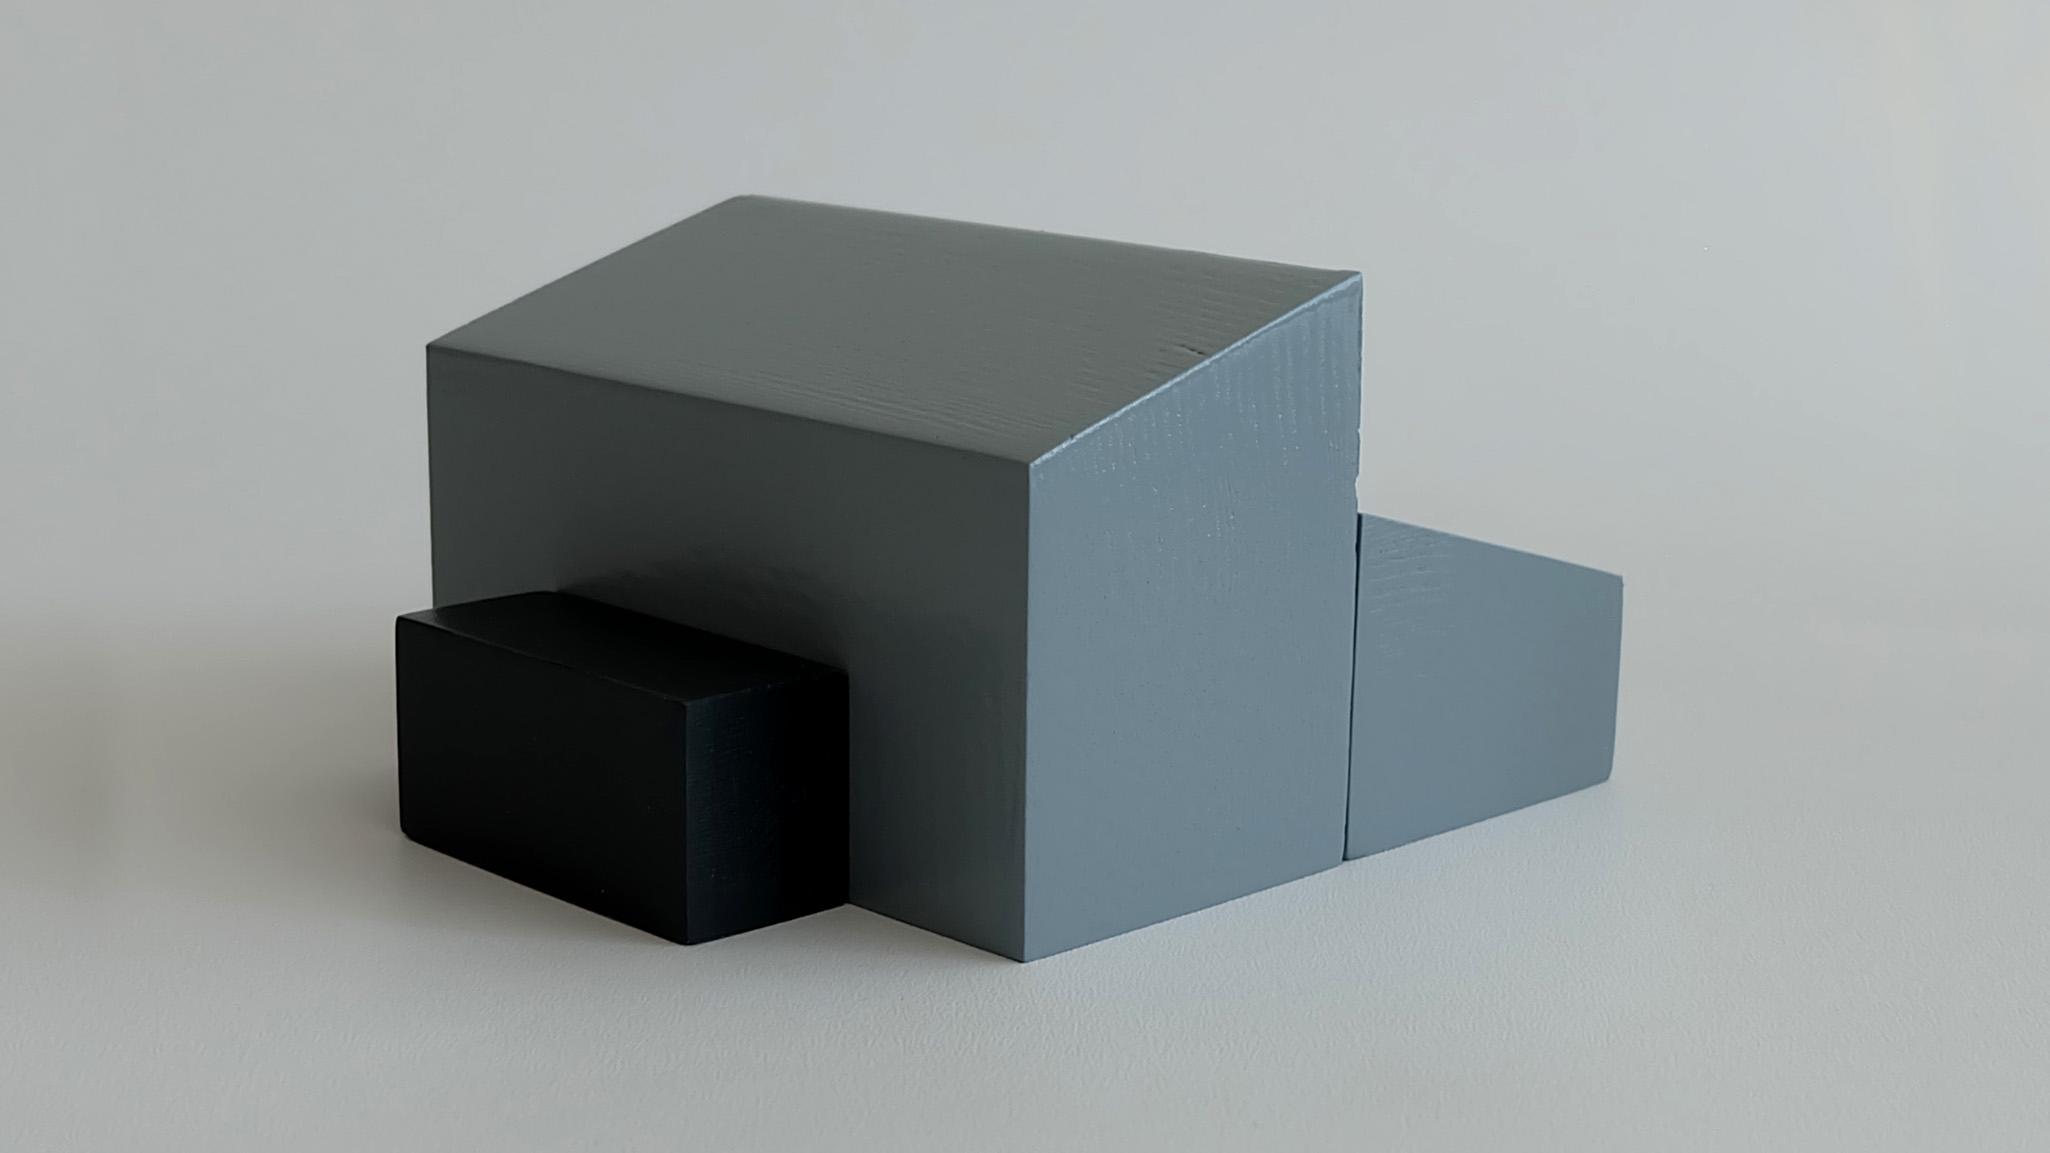 L24:  L23 + flat roof porch (low side)